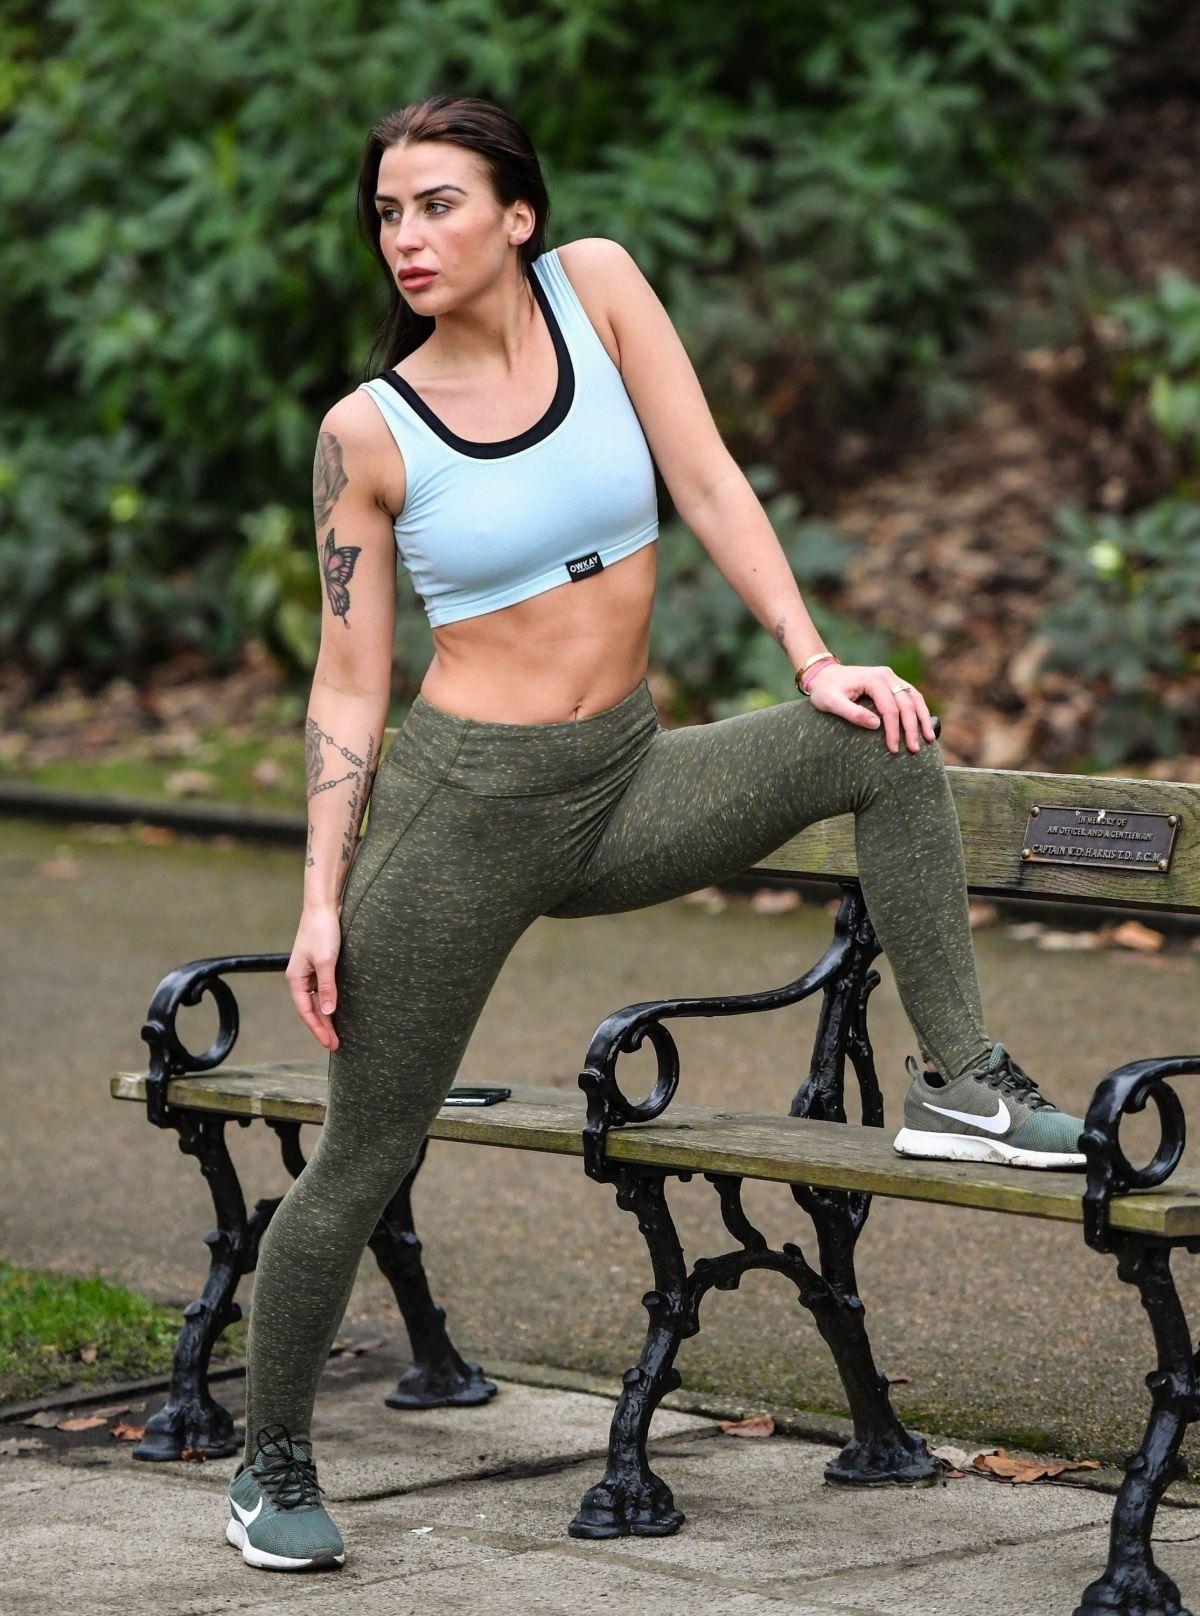 Jenny Thompson nude (42 photo) Leaked, Instagram, legs